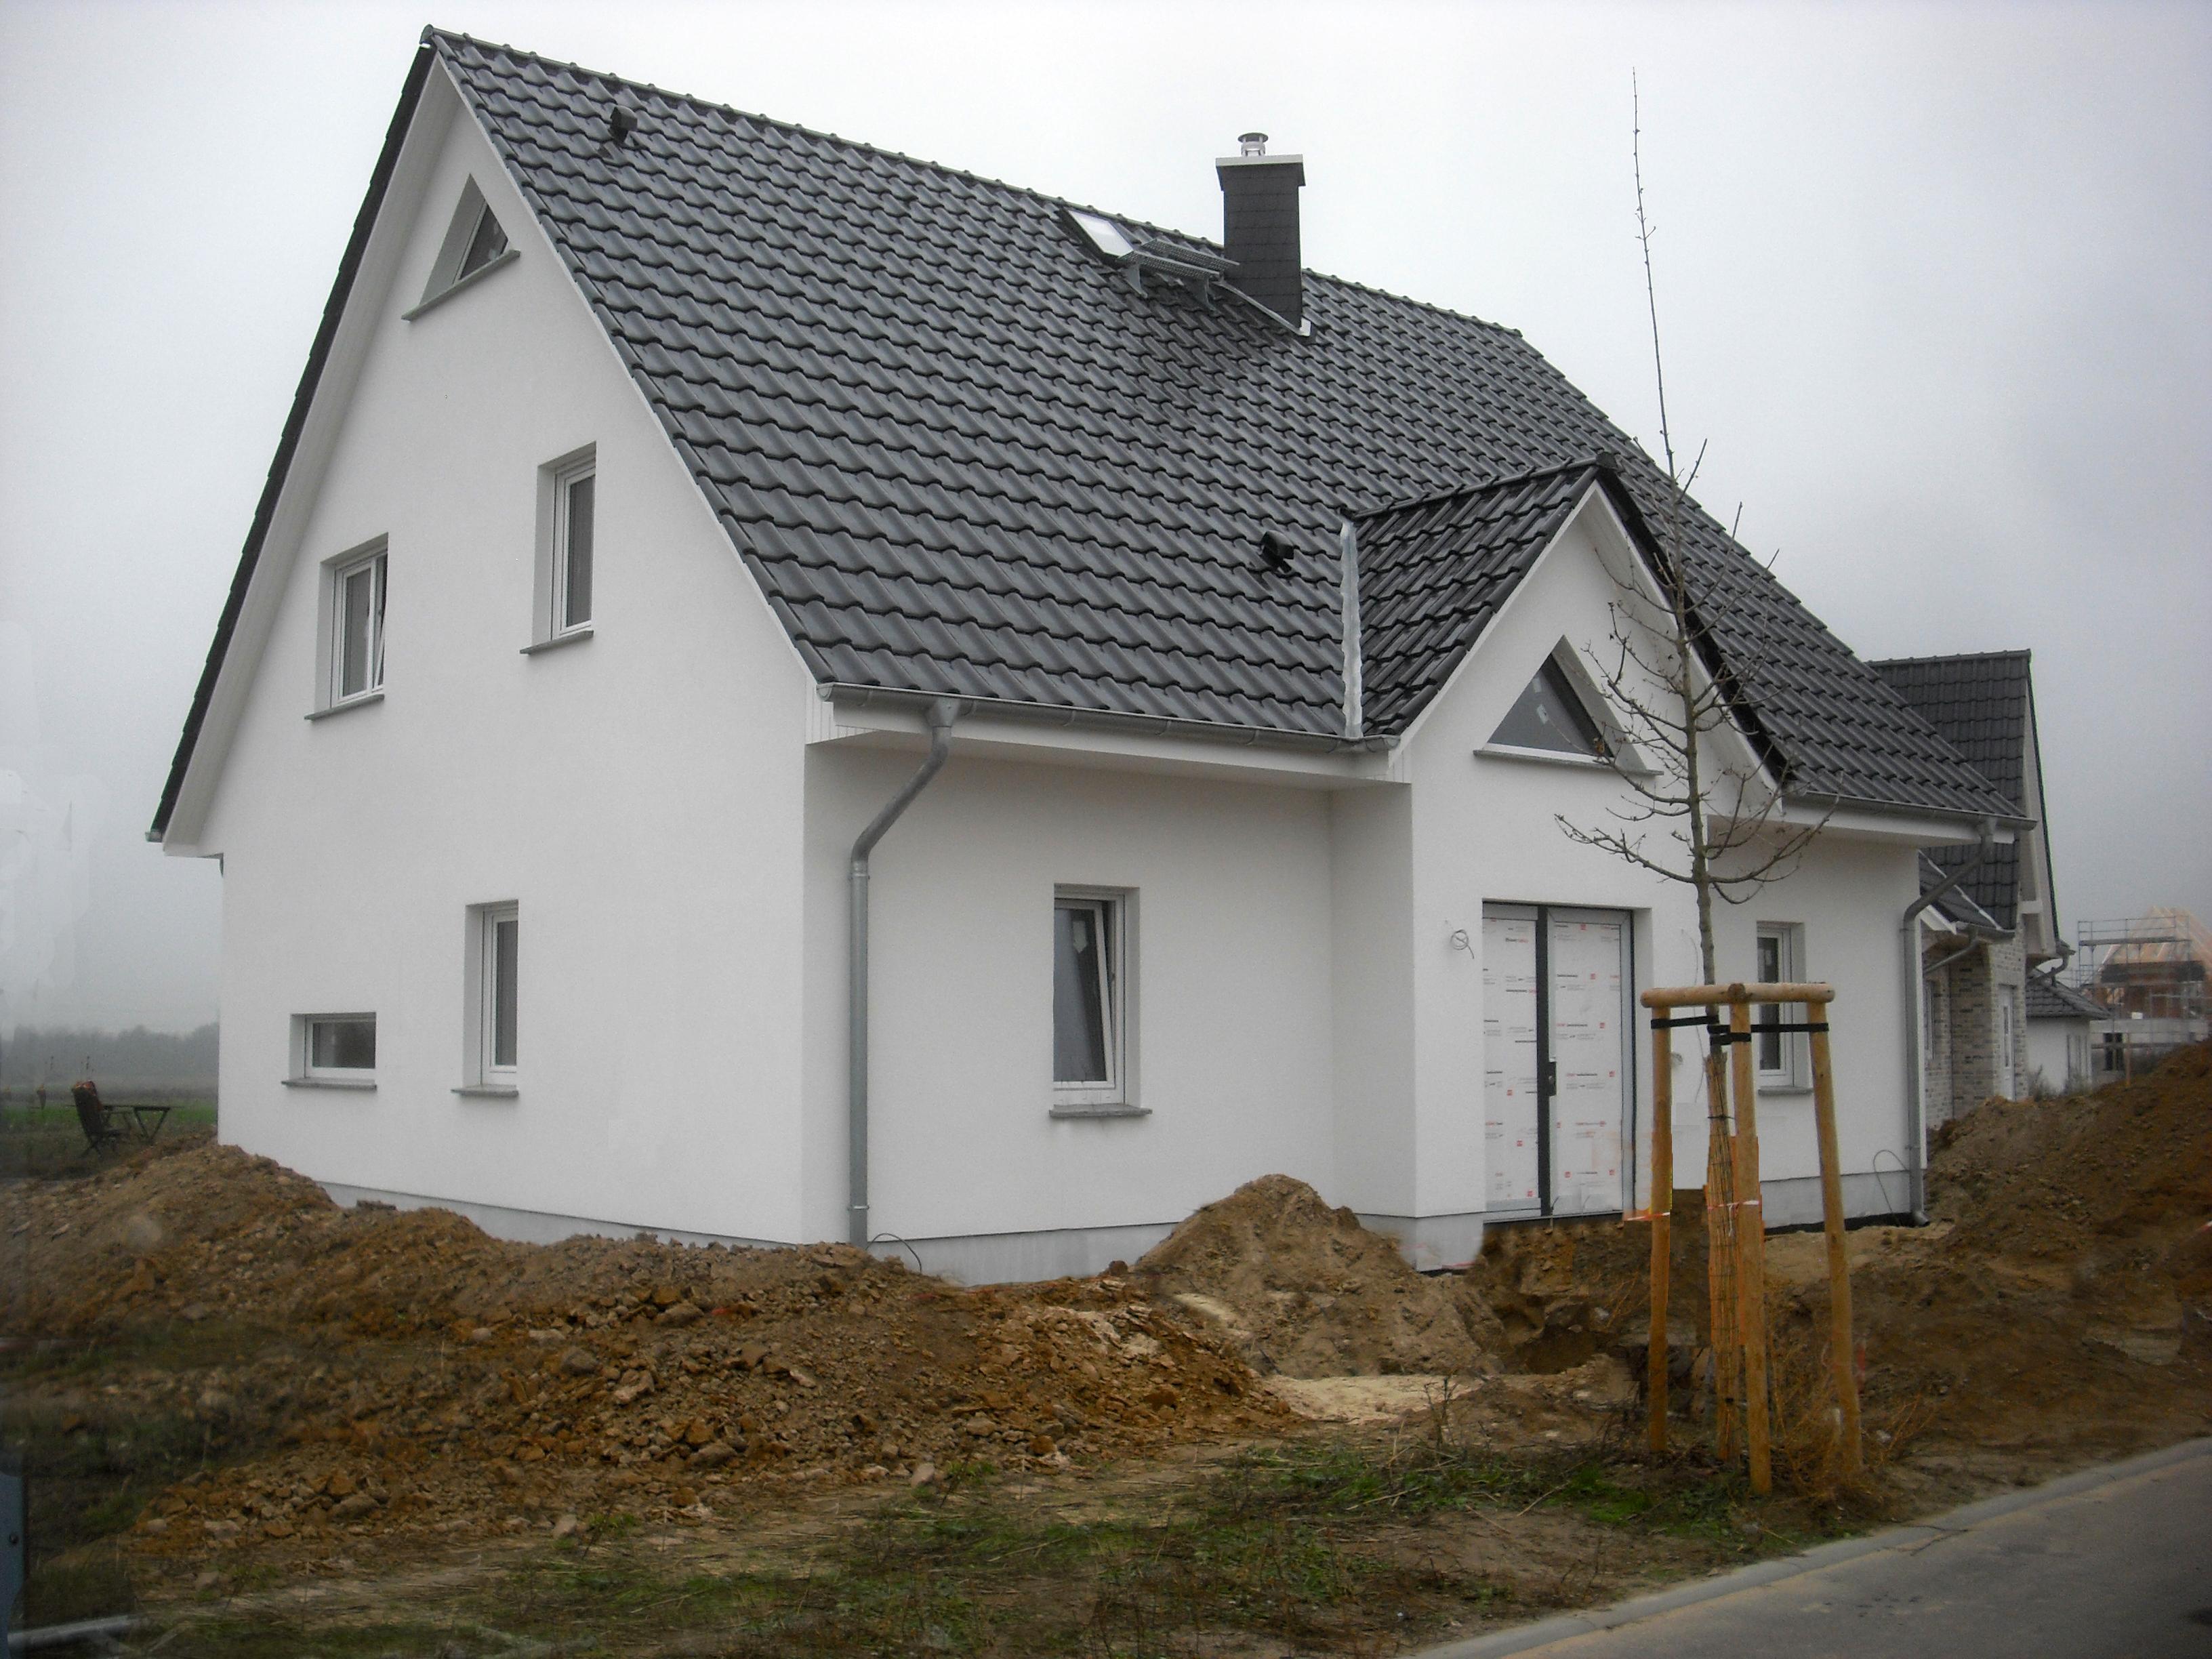 Modernes Landhaus mit viel Komfort | Hausbesichtigung am 1./2. Dezember in 16727 Oberkrämer OT Marwitz